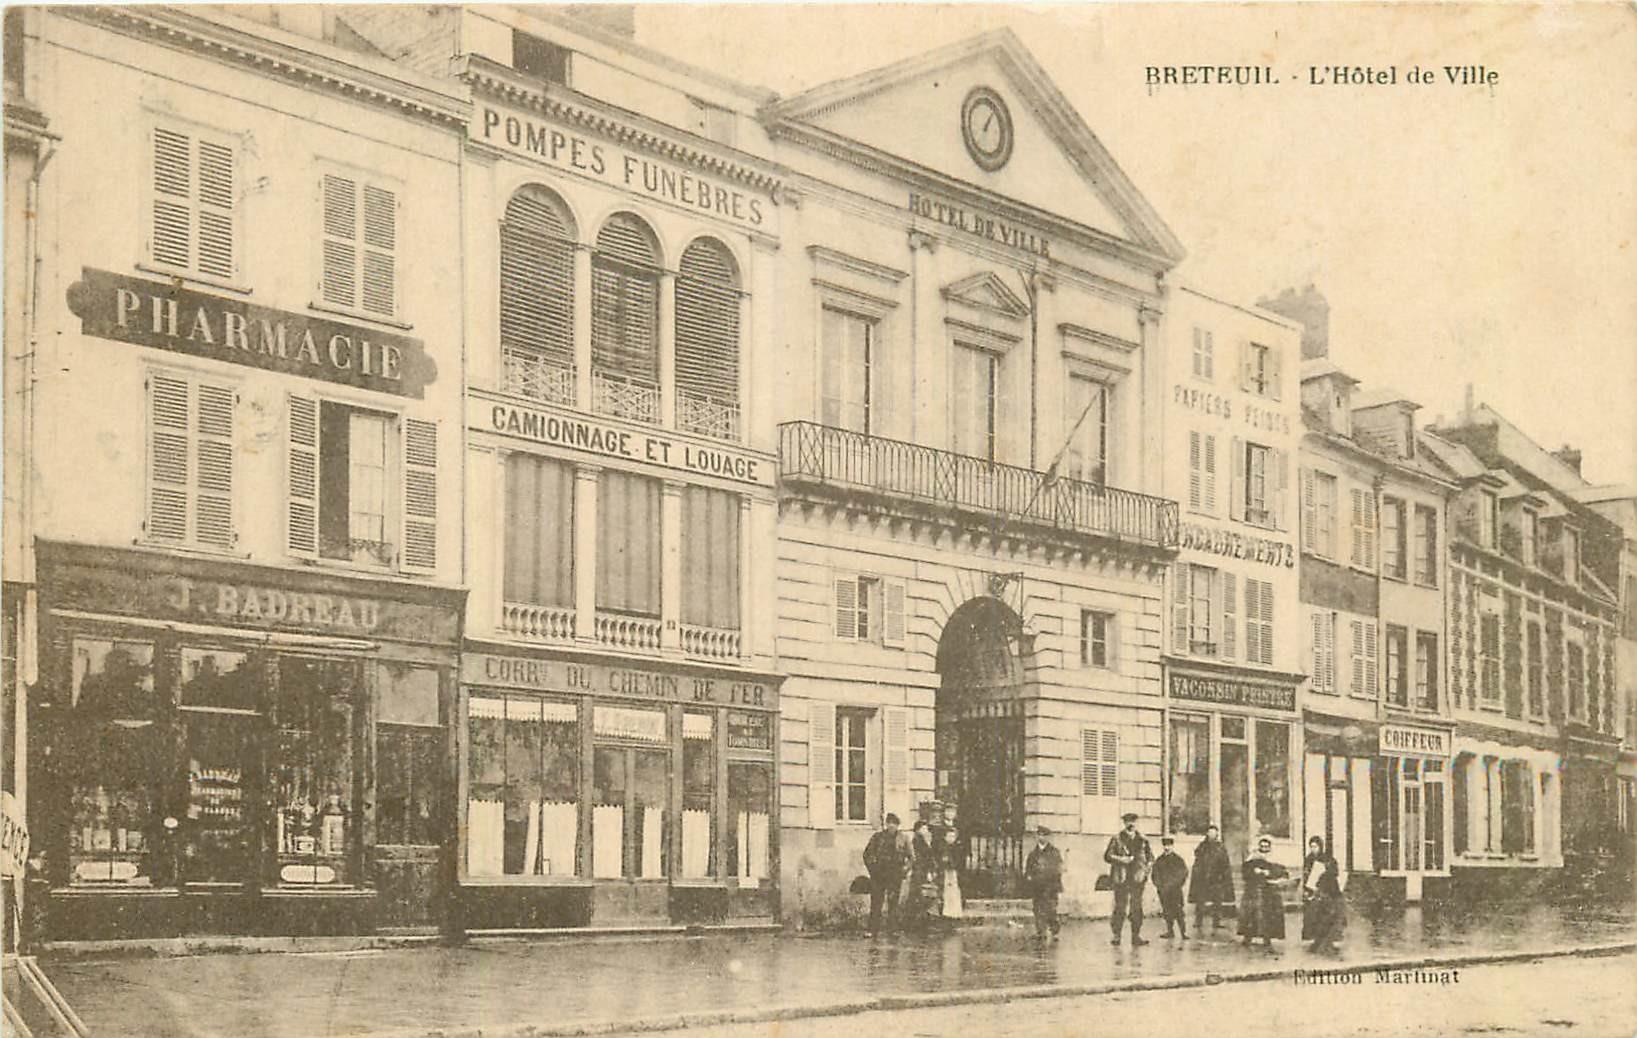 WW 27 BRETEUIL. Hôtel de Ville et Pharmacie